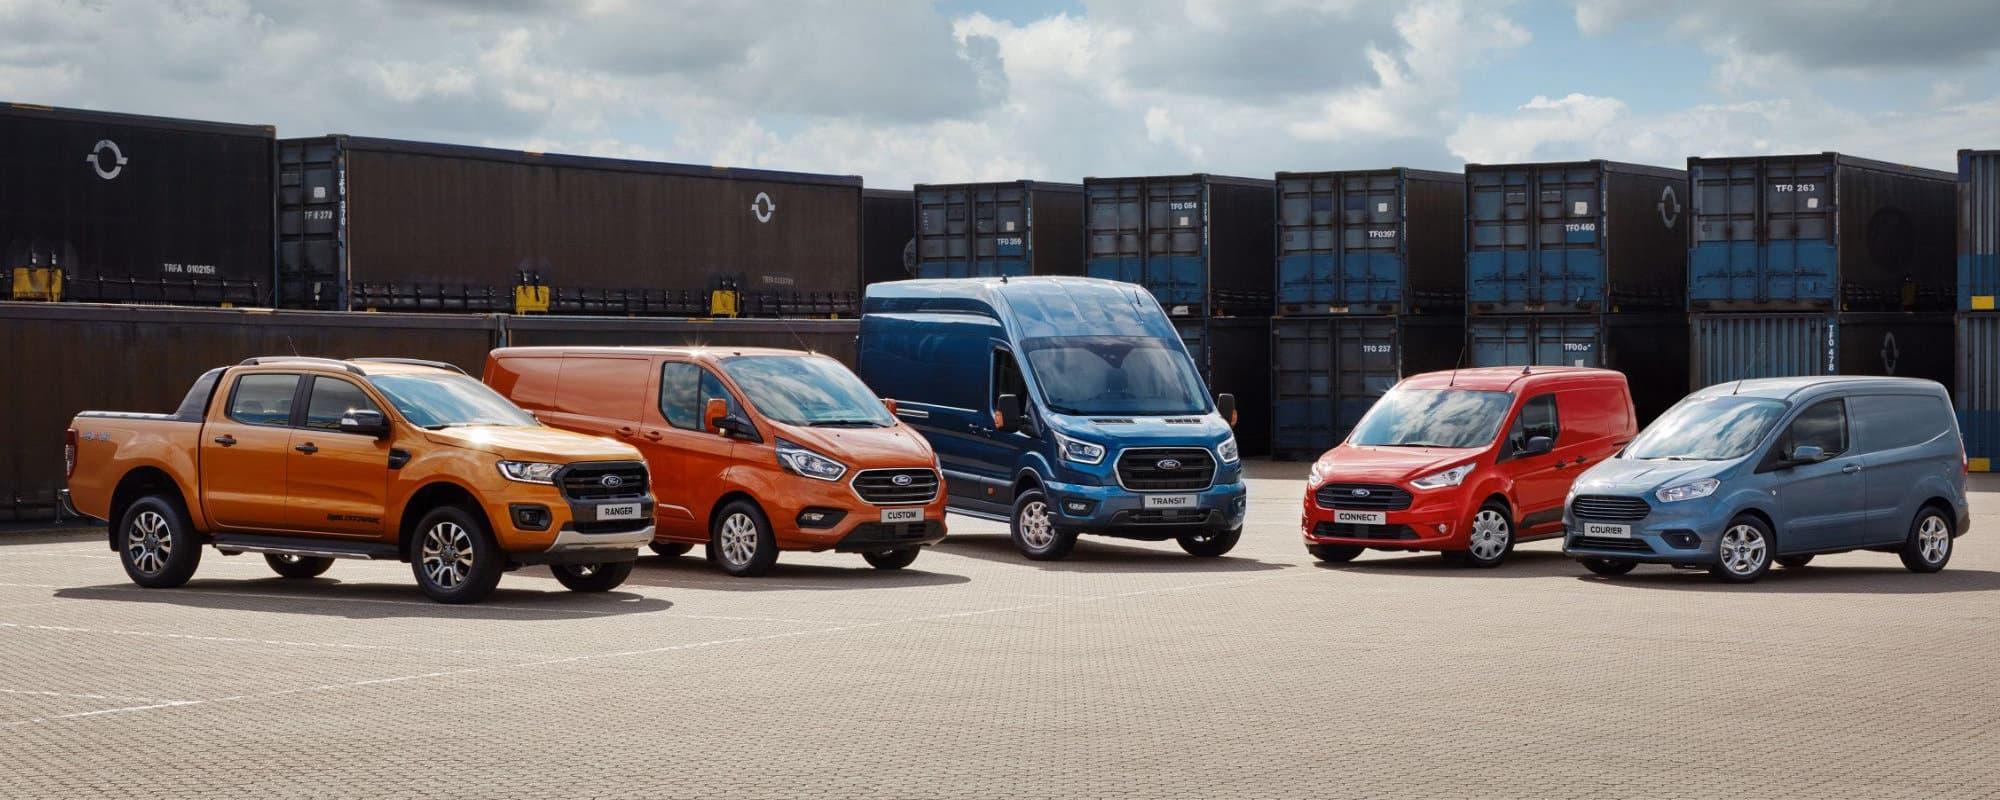 Firmabil, yrkesbil og nyttekjøretøy hos Sentrum Auto